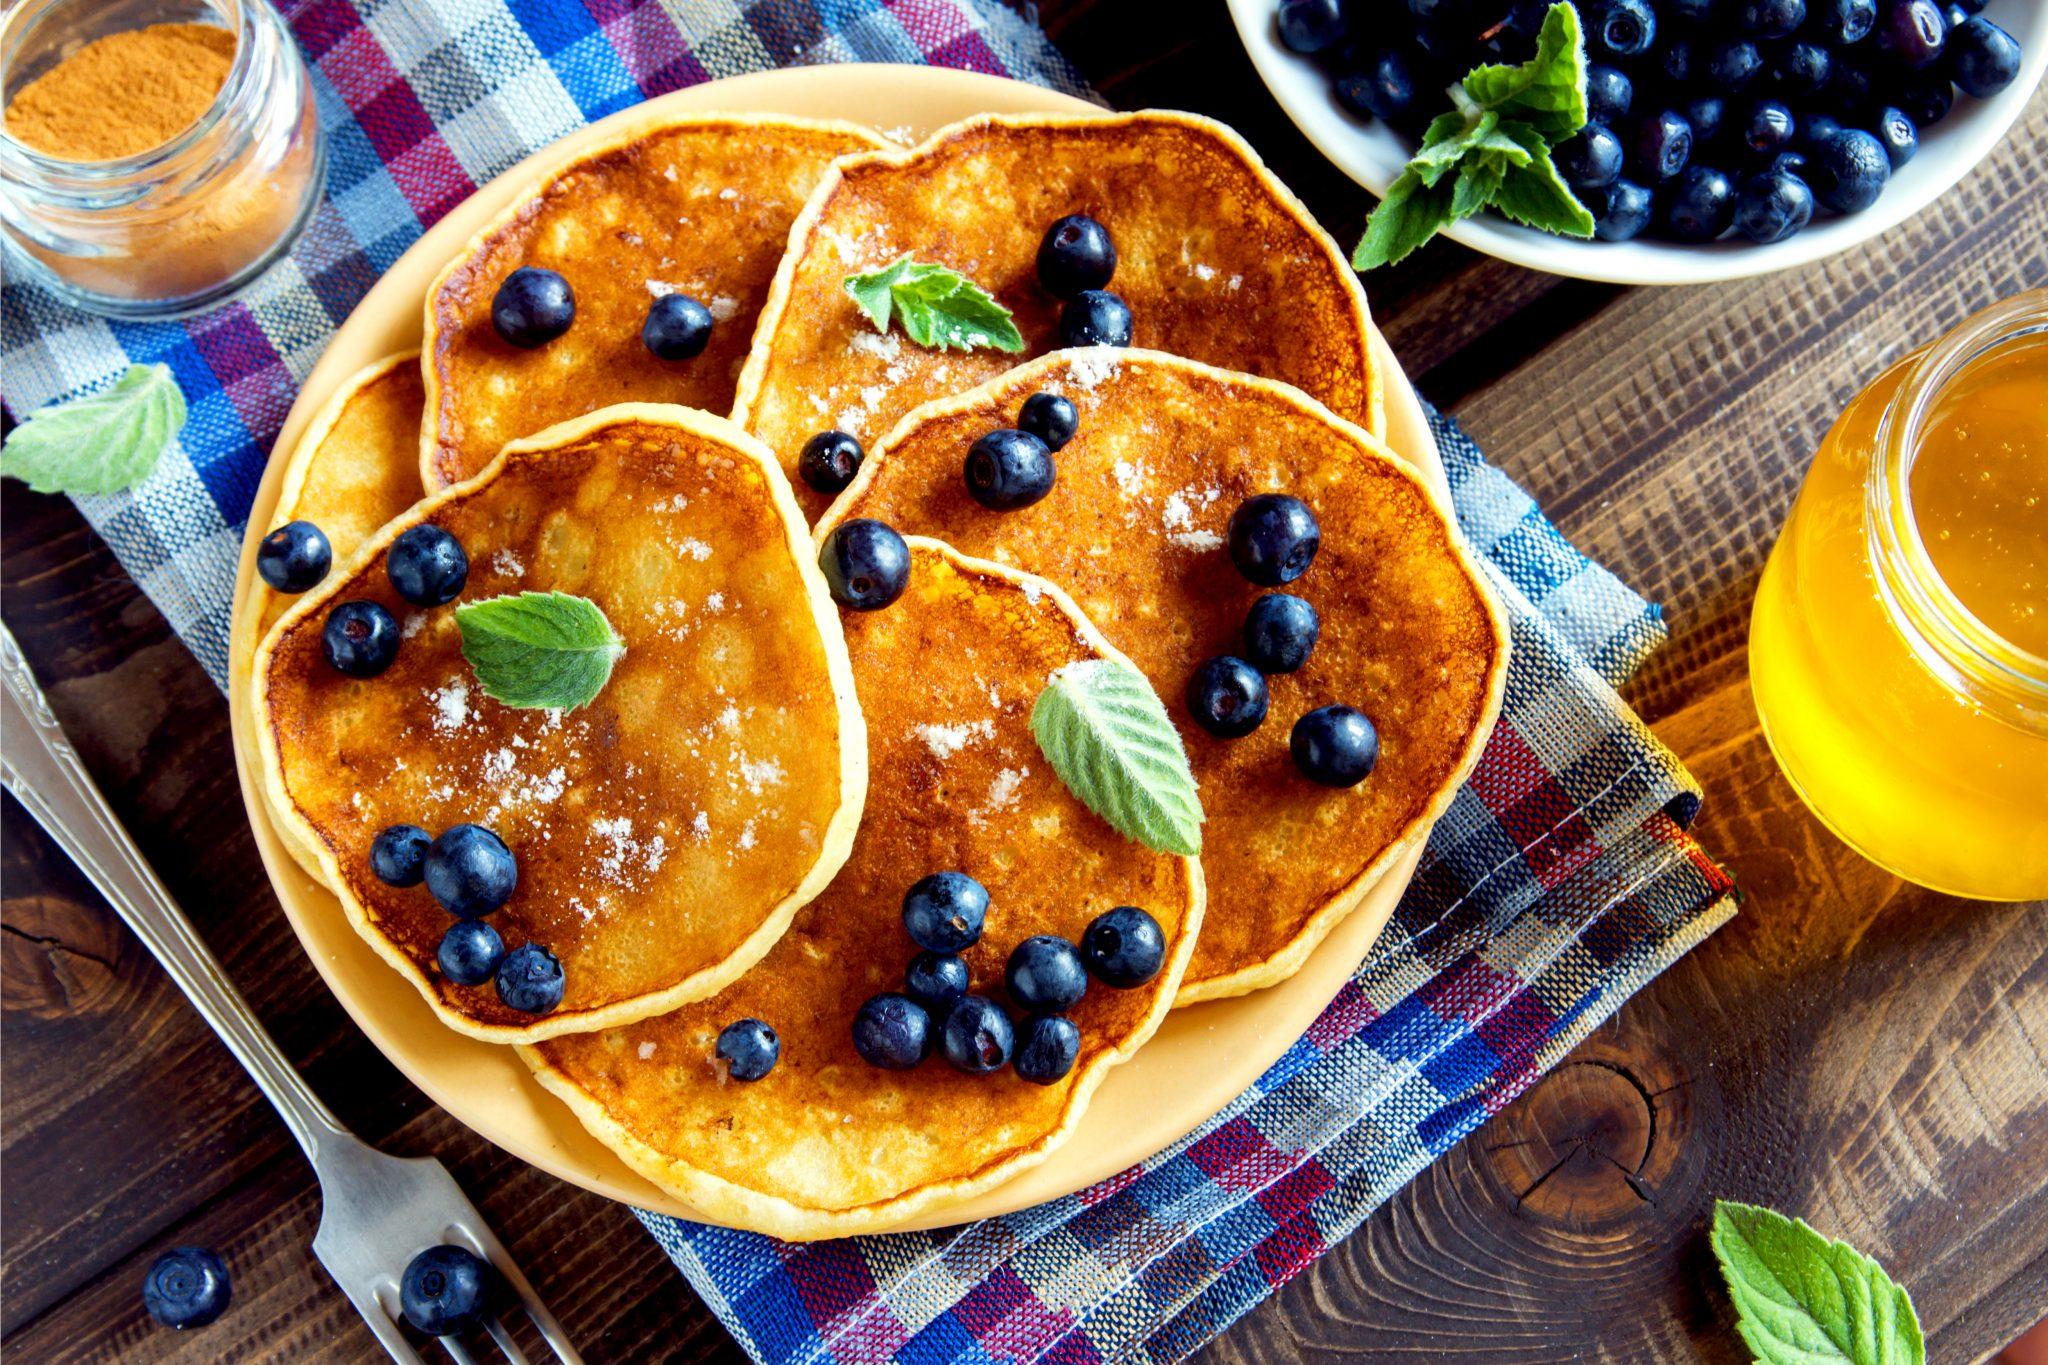 ブルーベリーをたっぷりトッピングしたパンケーキ